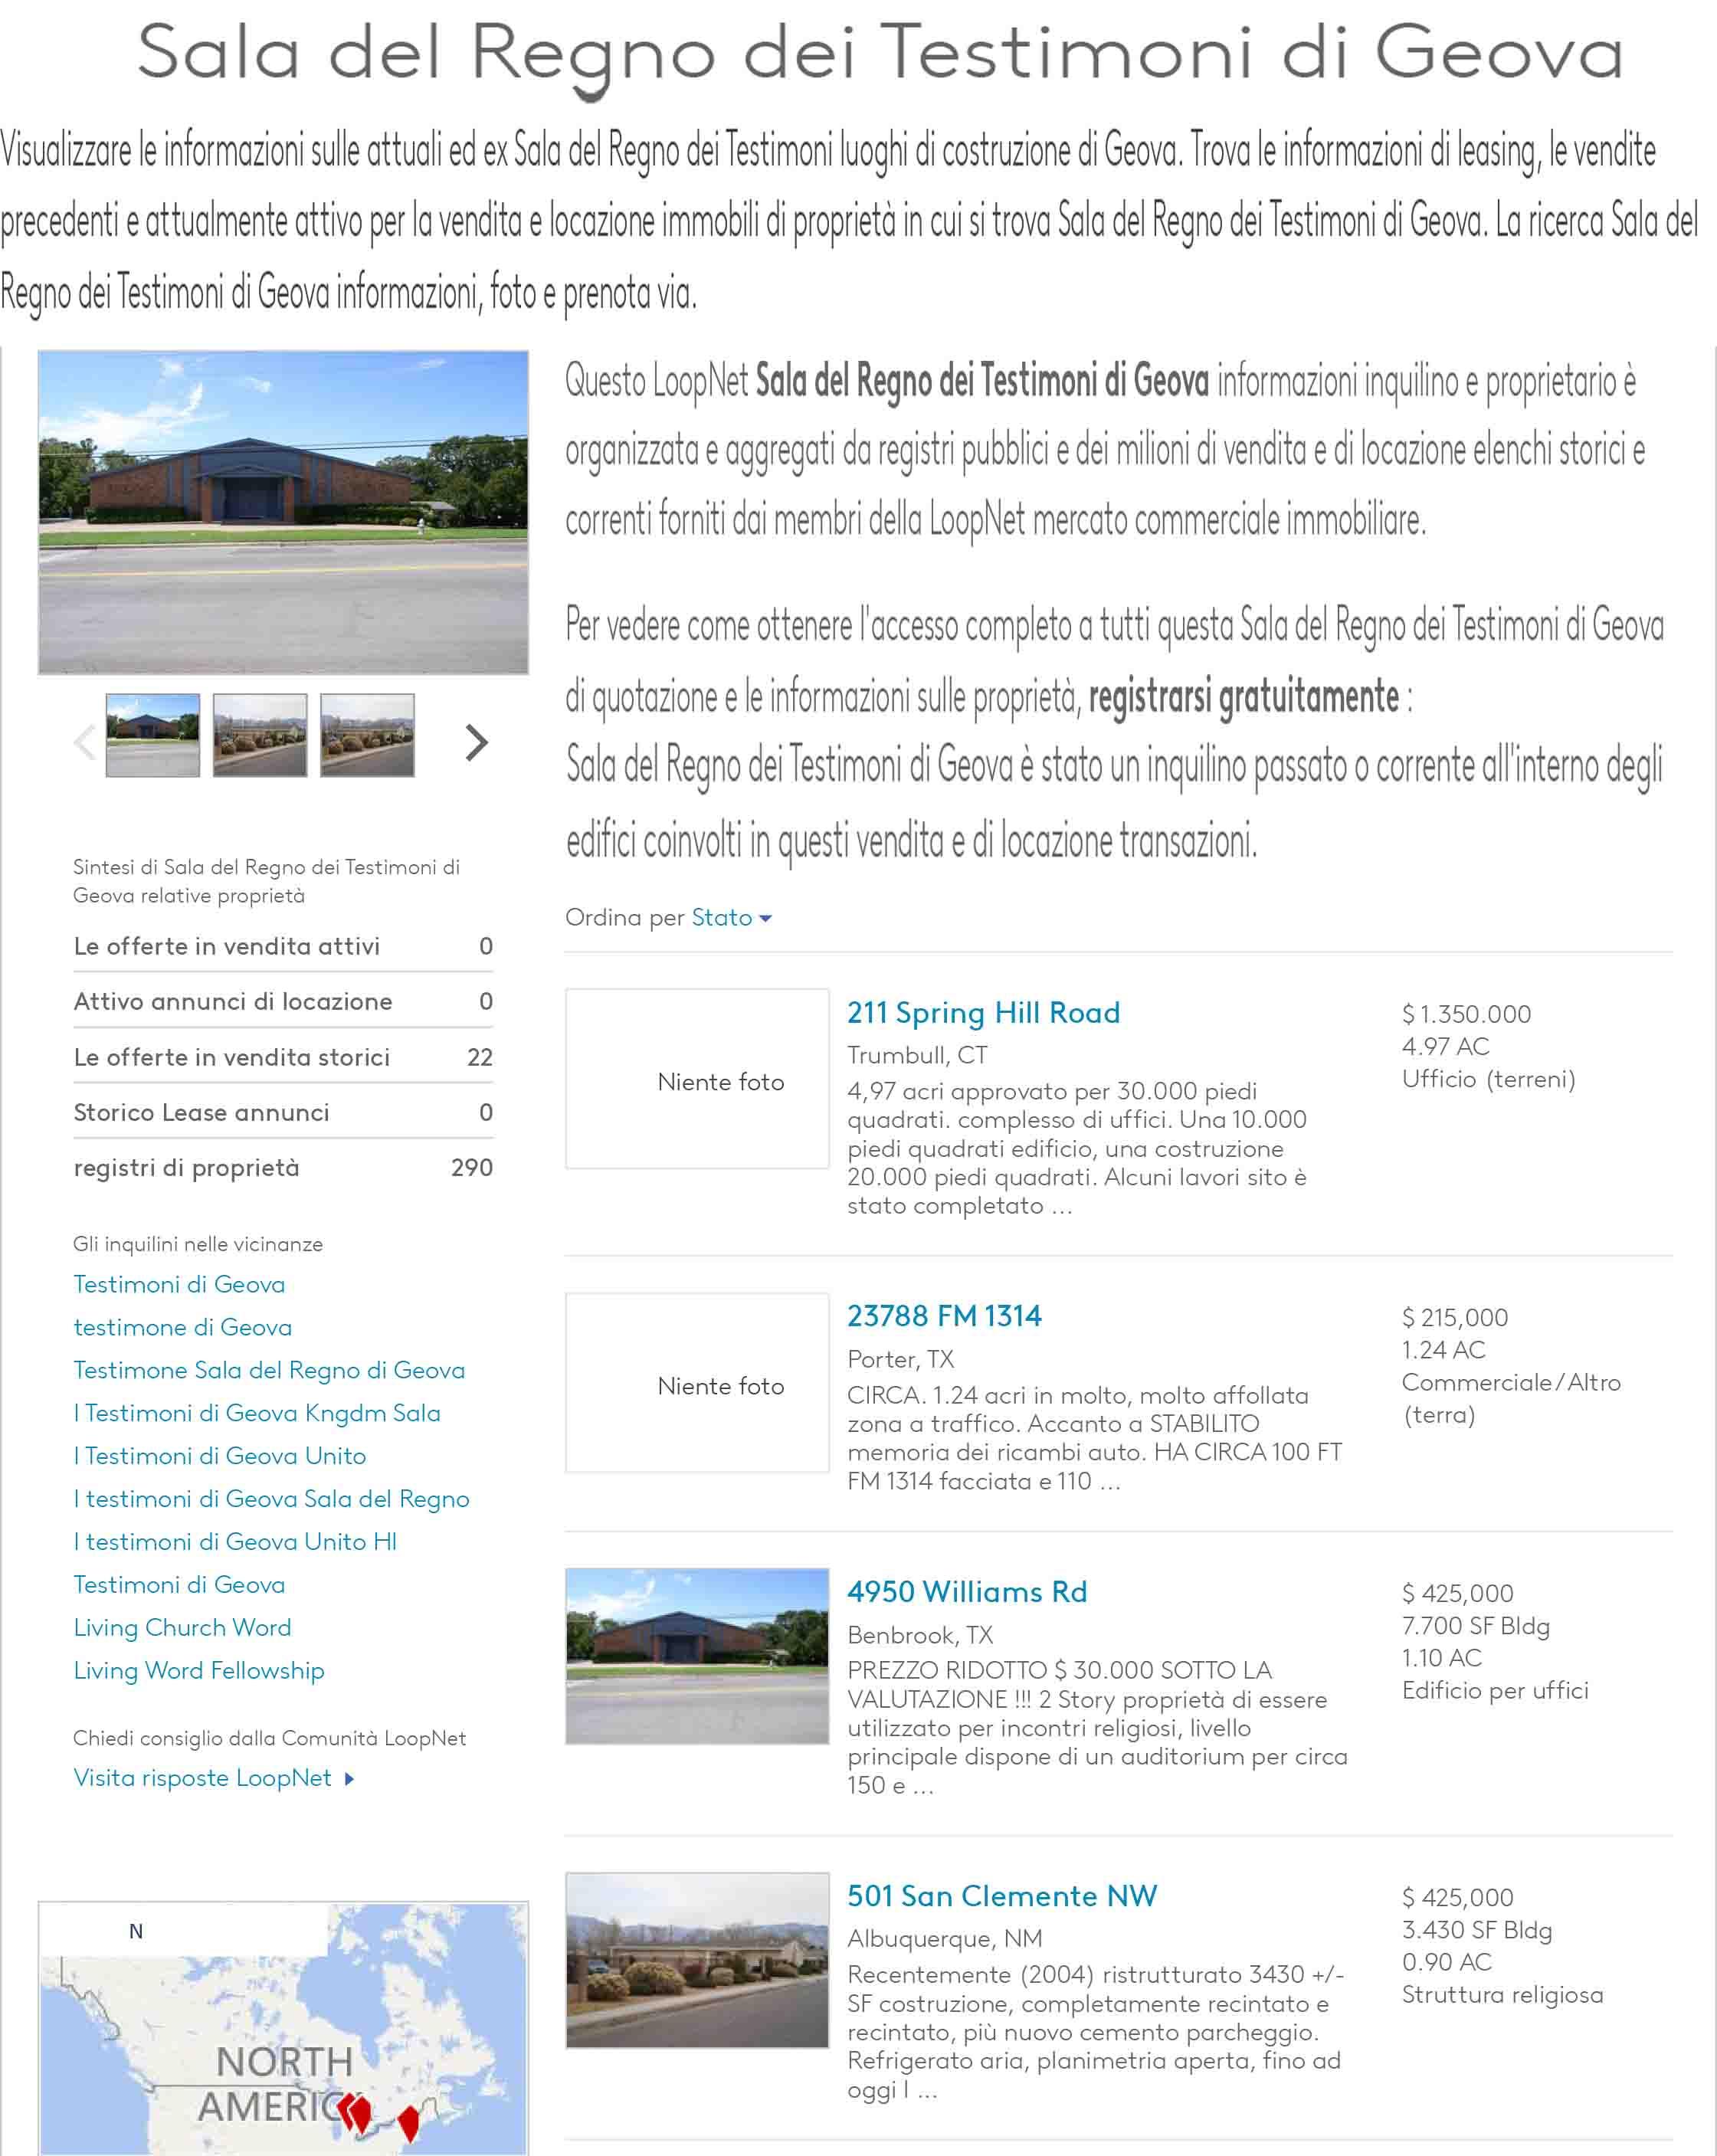 Sala del Regno dei Testimoni di Geova - Luoghi, Sale & Lease Transaction Storia e Informazioni generali-1